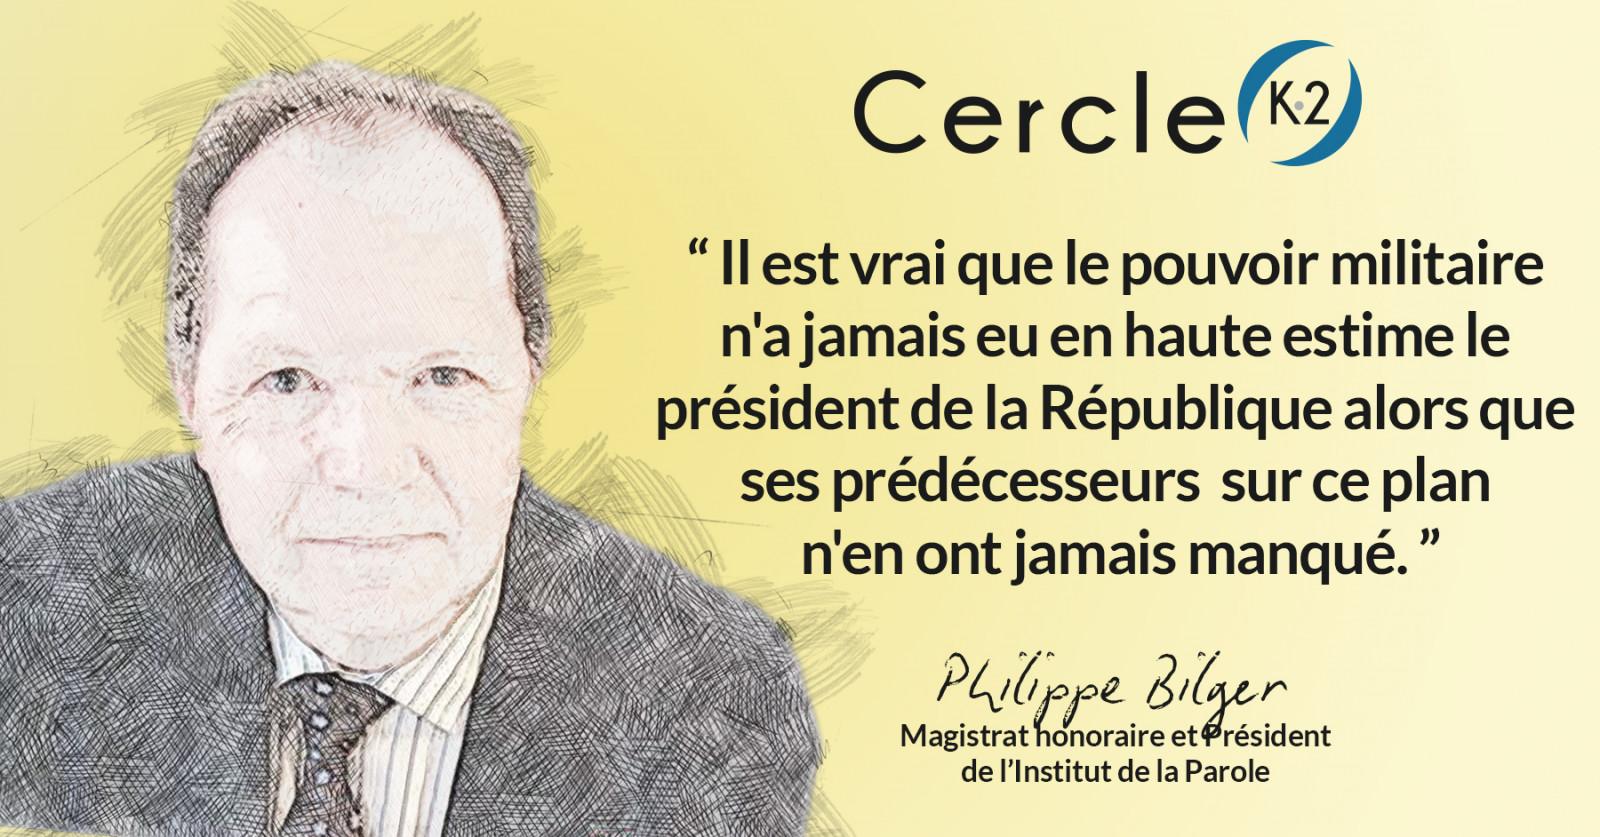 La France entre apocalypse et ridicule ? - Cercle K2